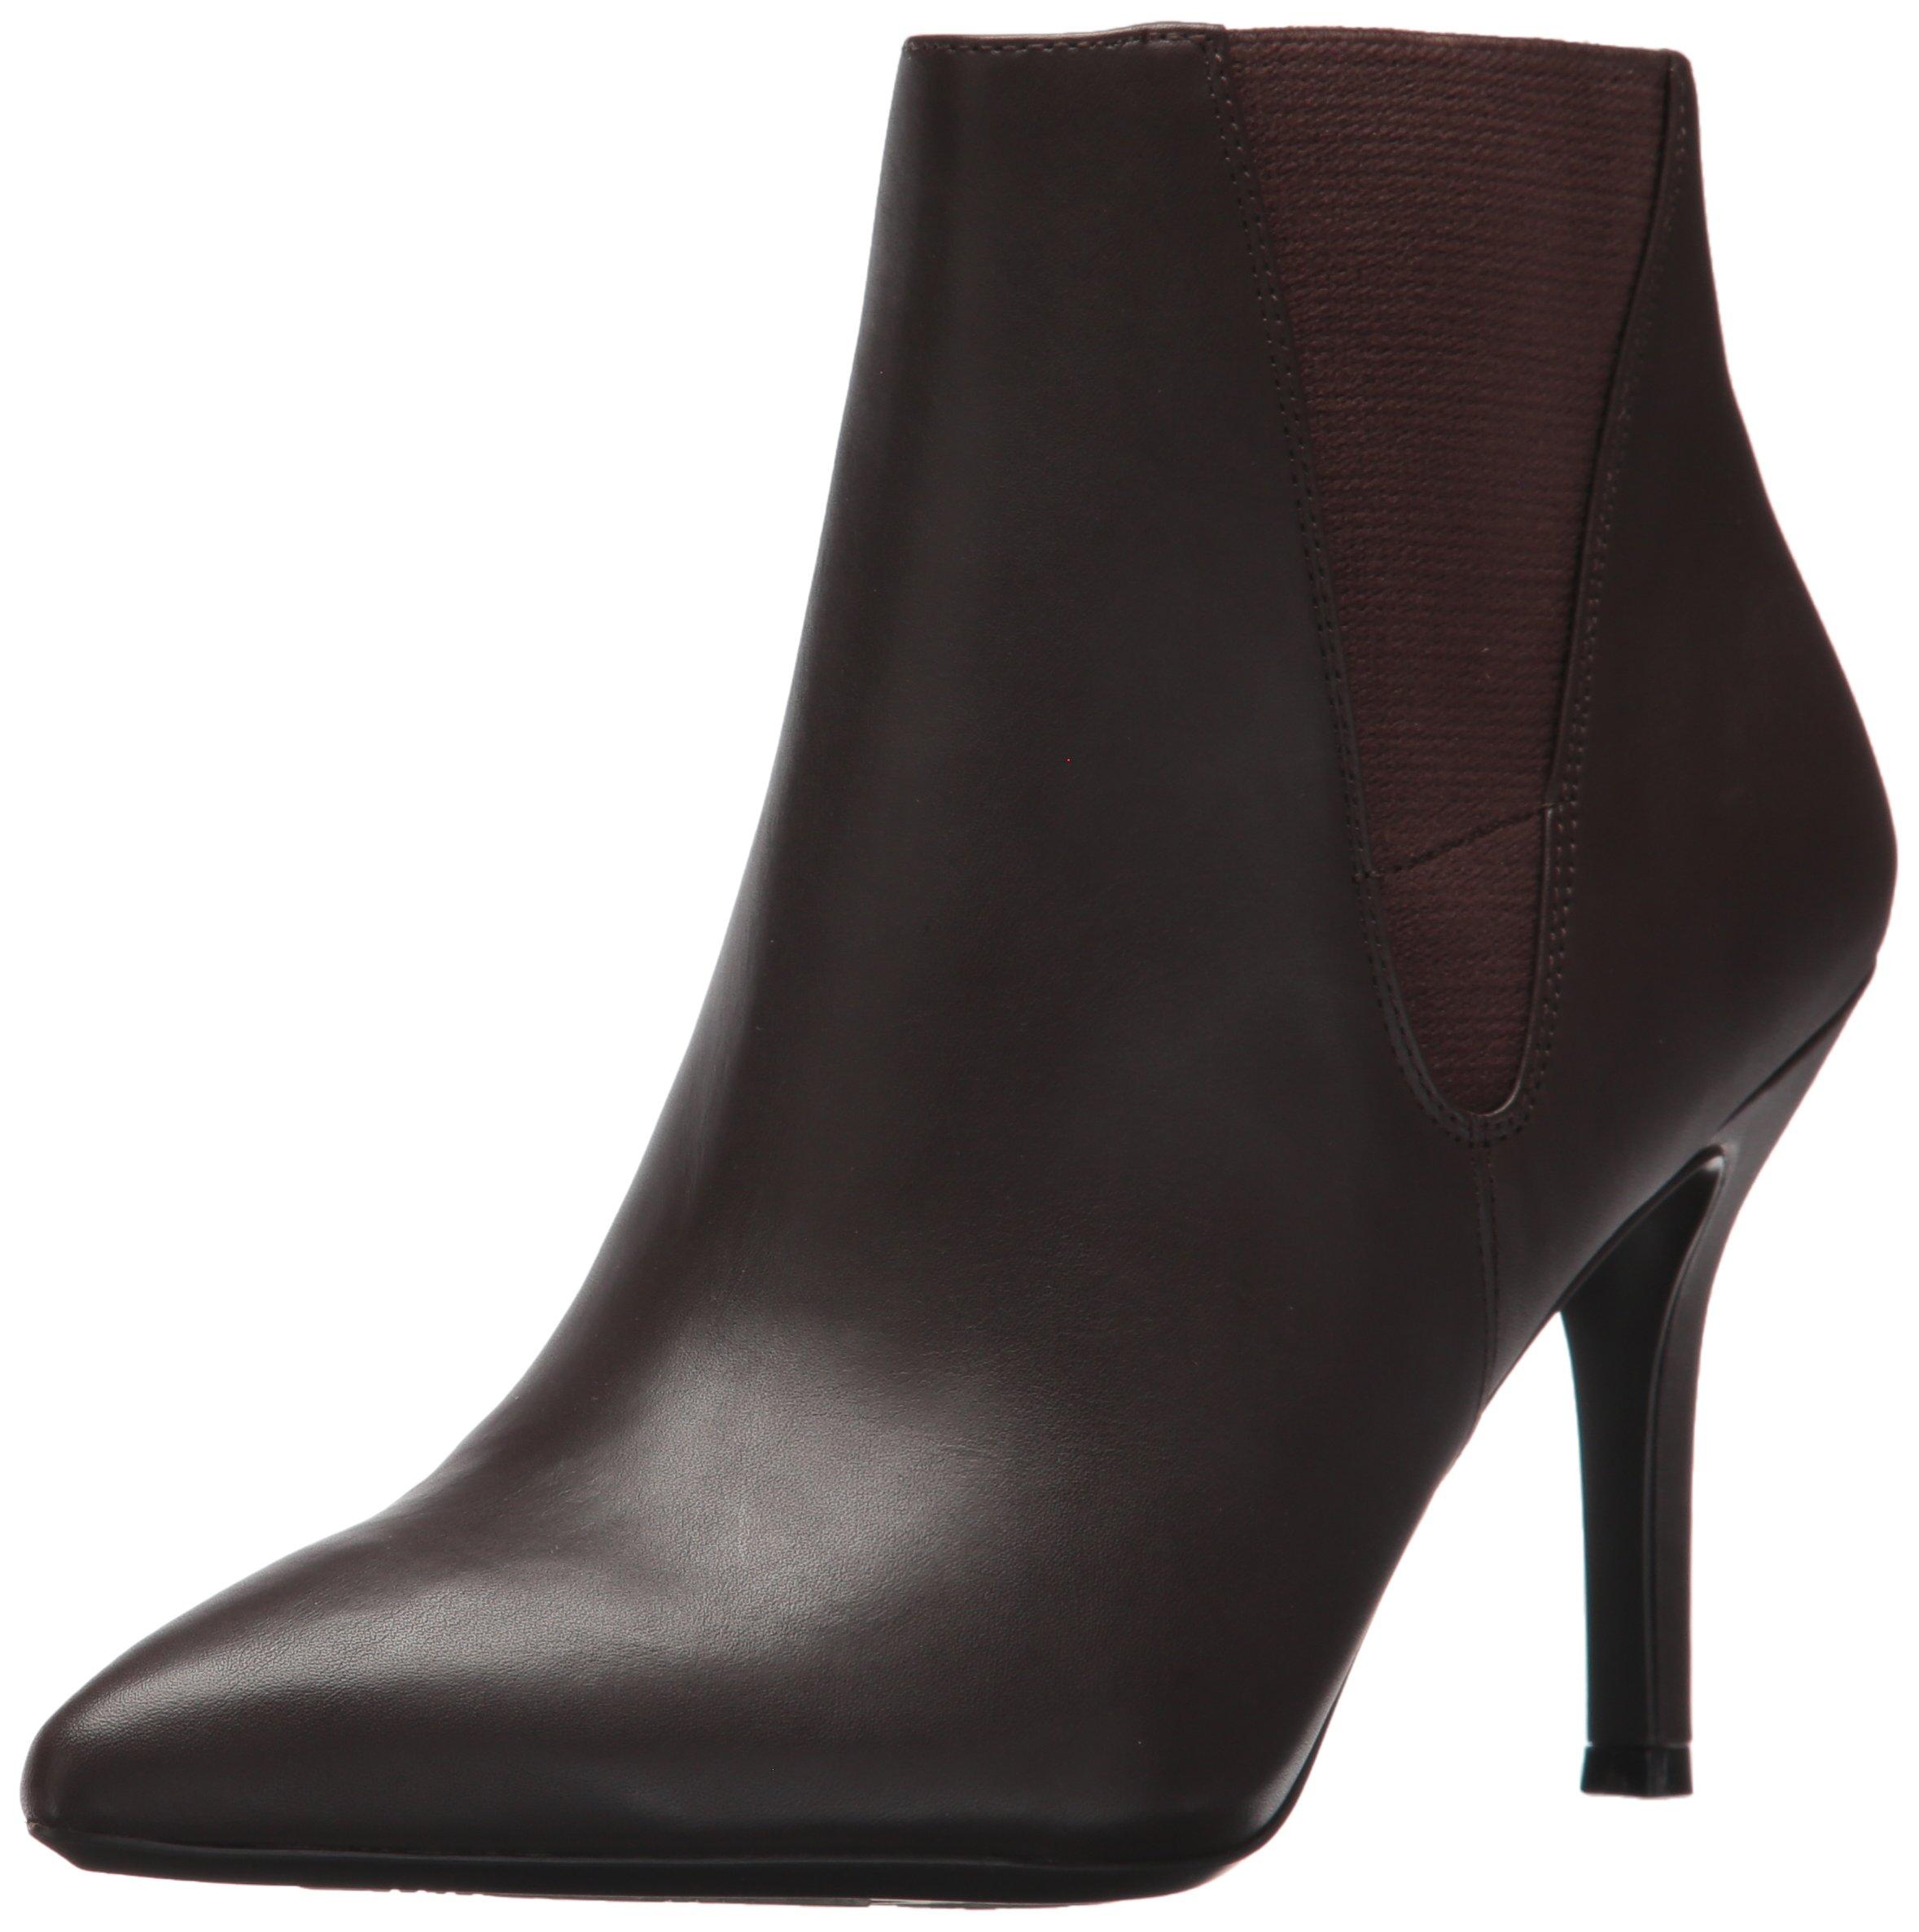 Nine West Women's FRONT9X9, Dark Brown/Dark Brown Leather, 9 M US